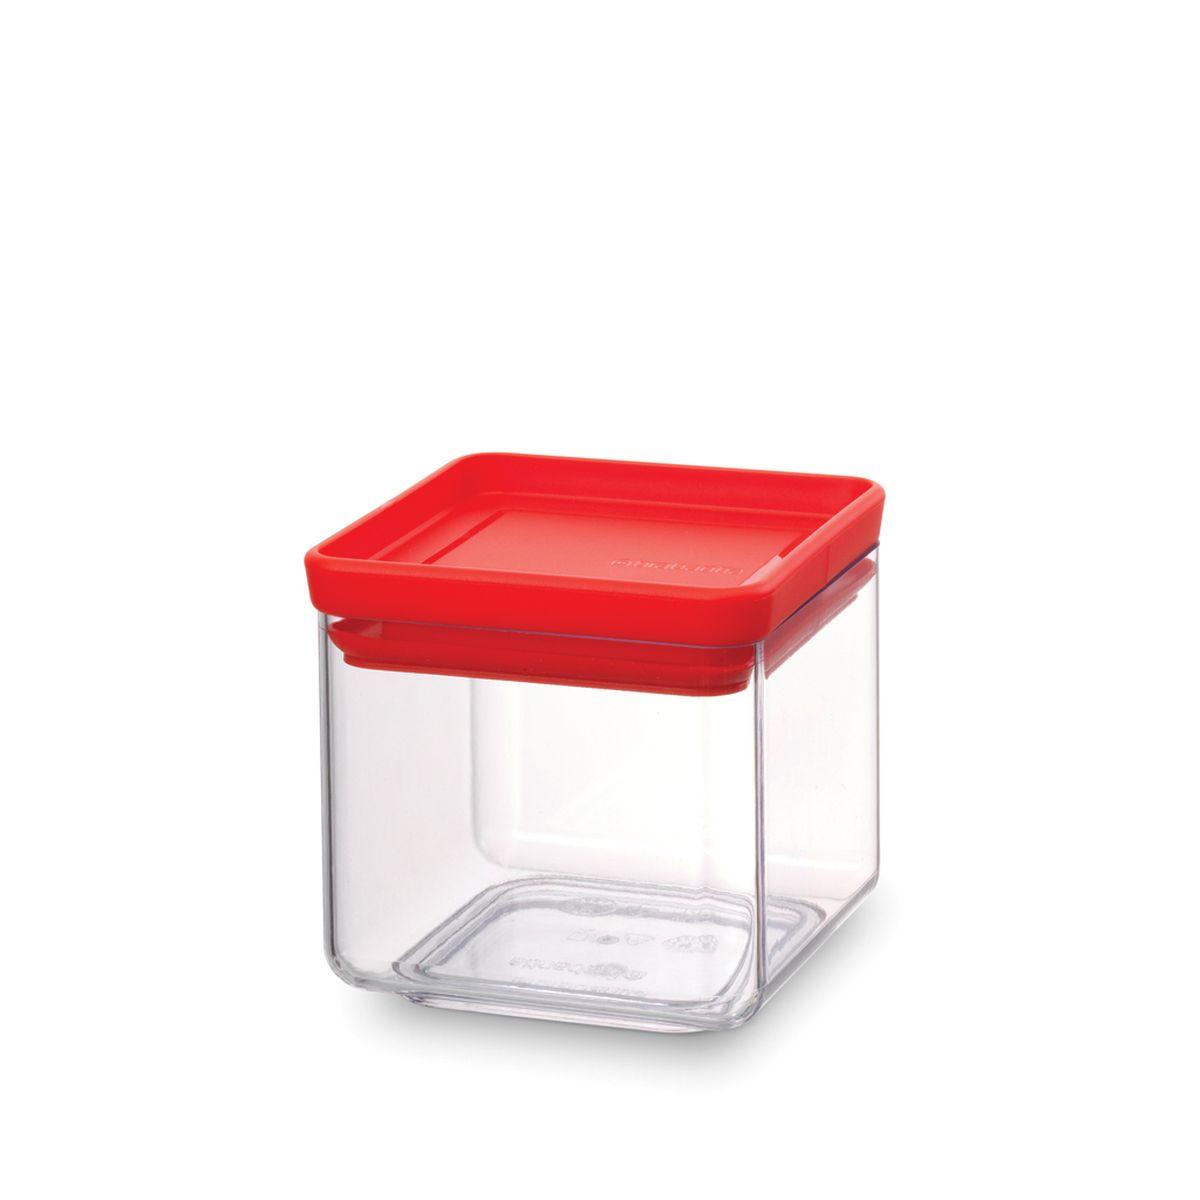 Контейнер для сыпучих продуктов Brabantia Tasty Colors, цвет: прозрачный, красный, 700 мл. 290008290008Контейнер для сыпучих продуктов Brabantia Tasty Colors занимает мало места – контейнеры имеют прямоугольную форму и составляются один на другой.Продукты надолго сохраняют свежесть и аромат – силиконовый уплотнитель.Хорошо видно содержимое и его количество.Легко моется – можно мыть в посудомоечной машине.Прочный и абсолютно прозрачный – изготовлен из пластика.